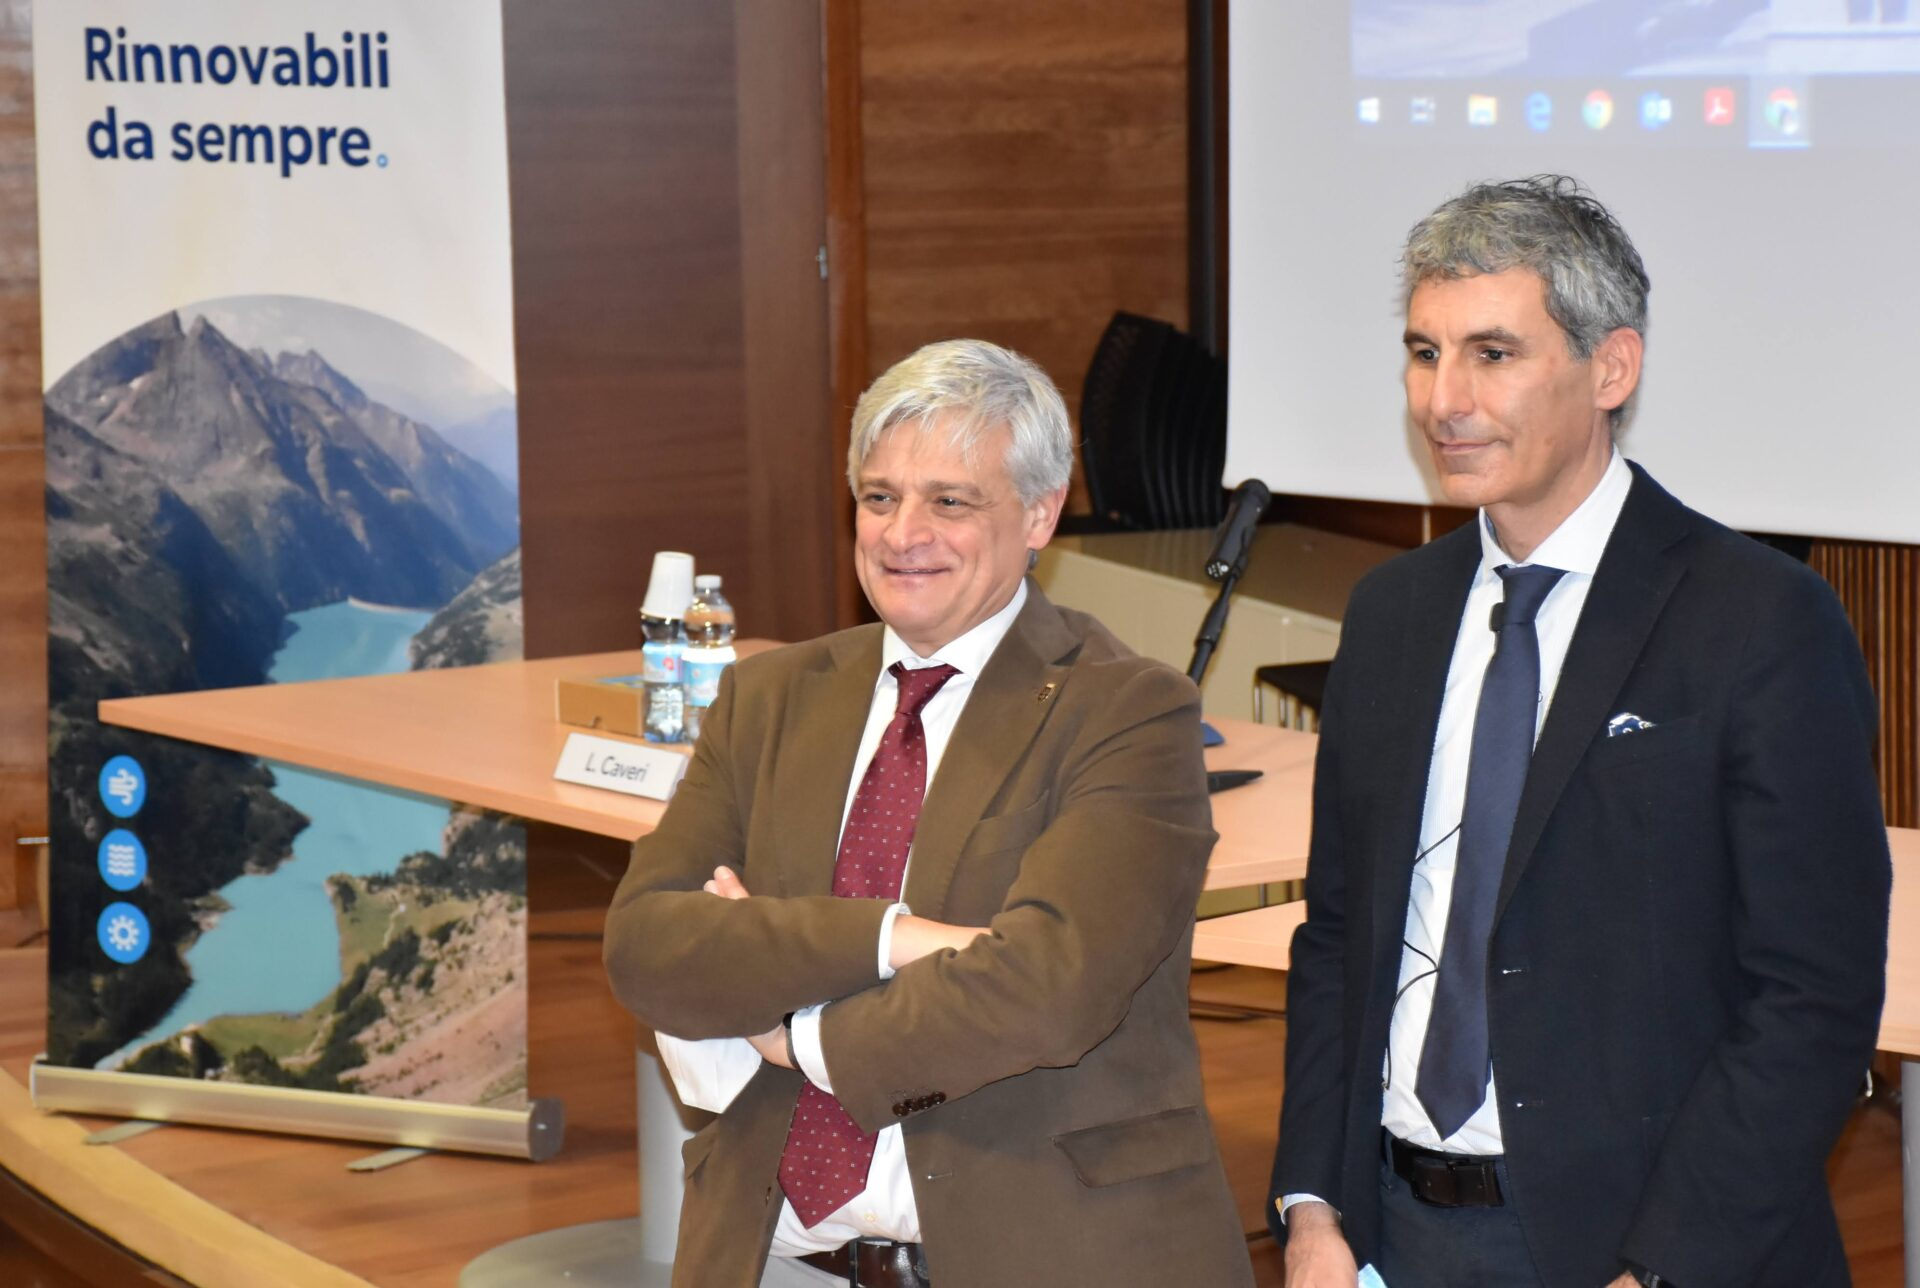 L'Assessore regionale Luciano Caveri con l'Amministratore delegato di CVA Enrico De Girolamo